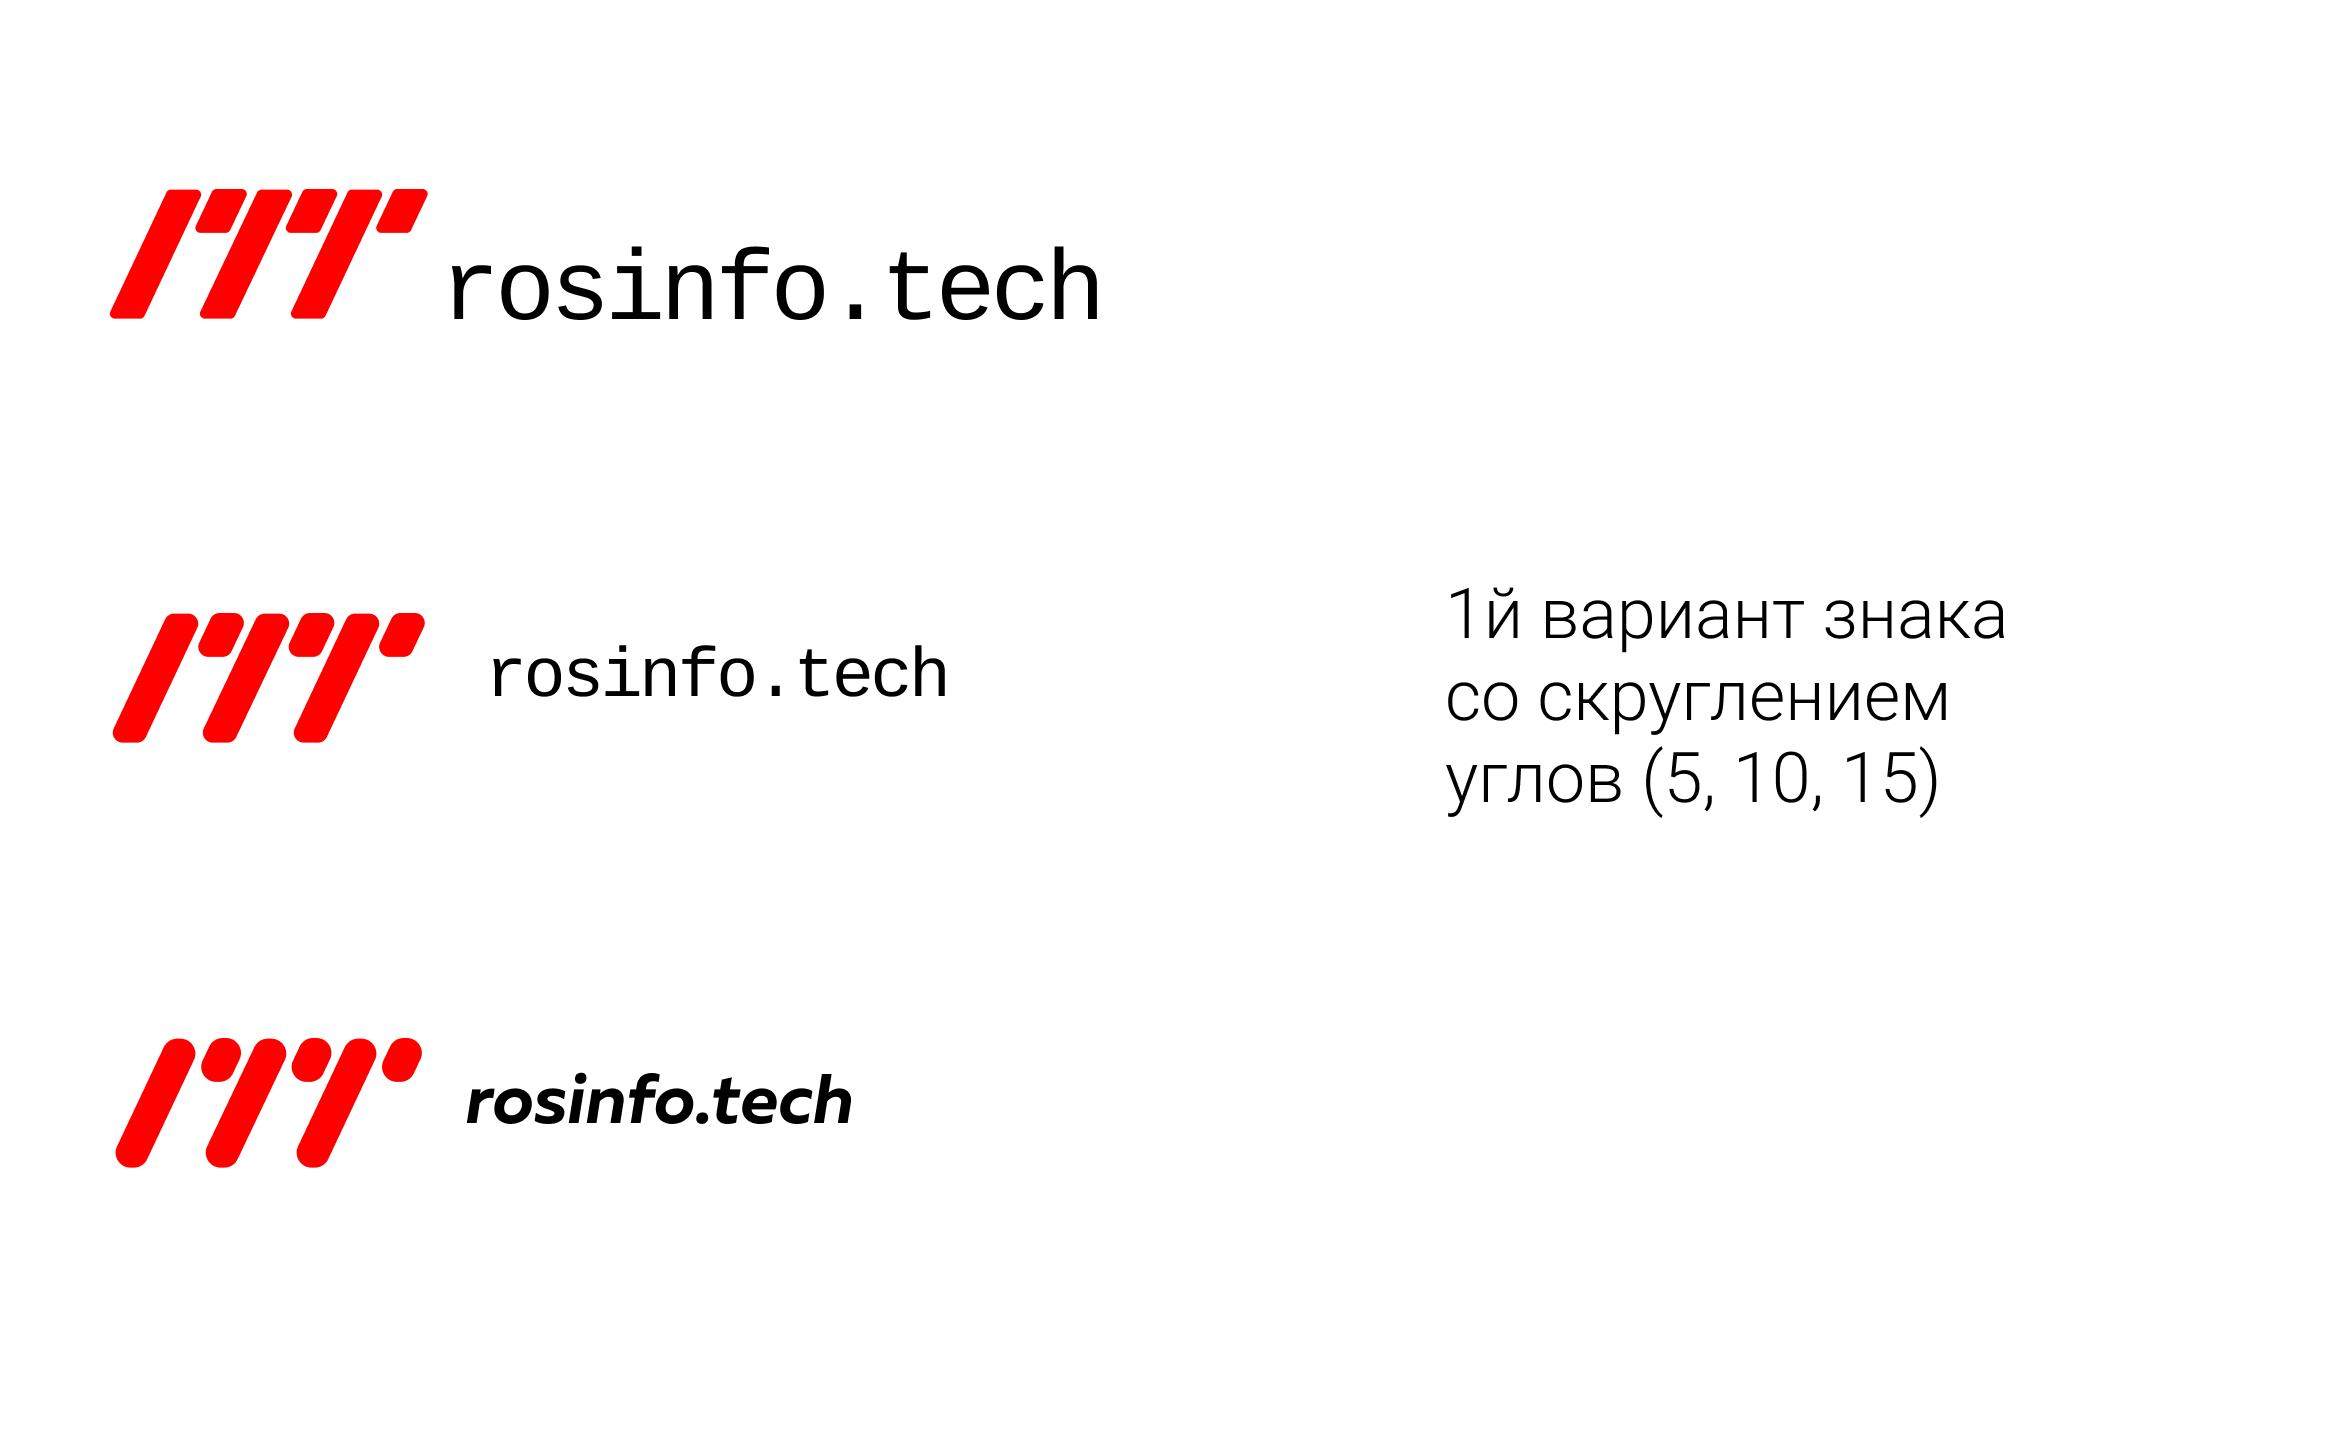 Разработка пакета айдентики rosinfo.tech фото f_0325e2b1283c4a92.jpg